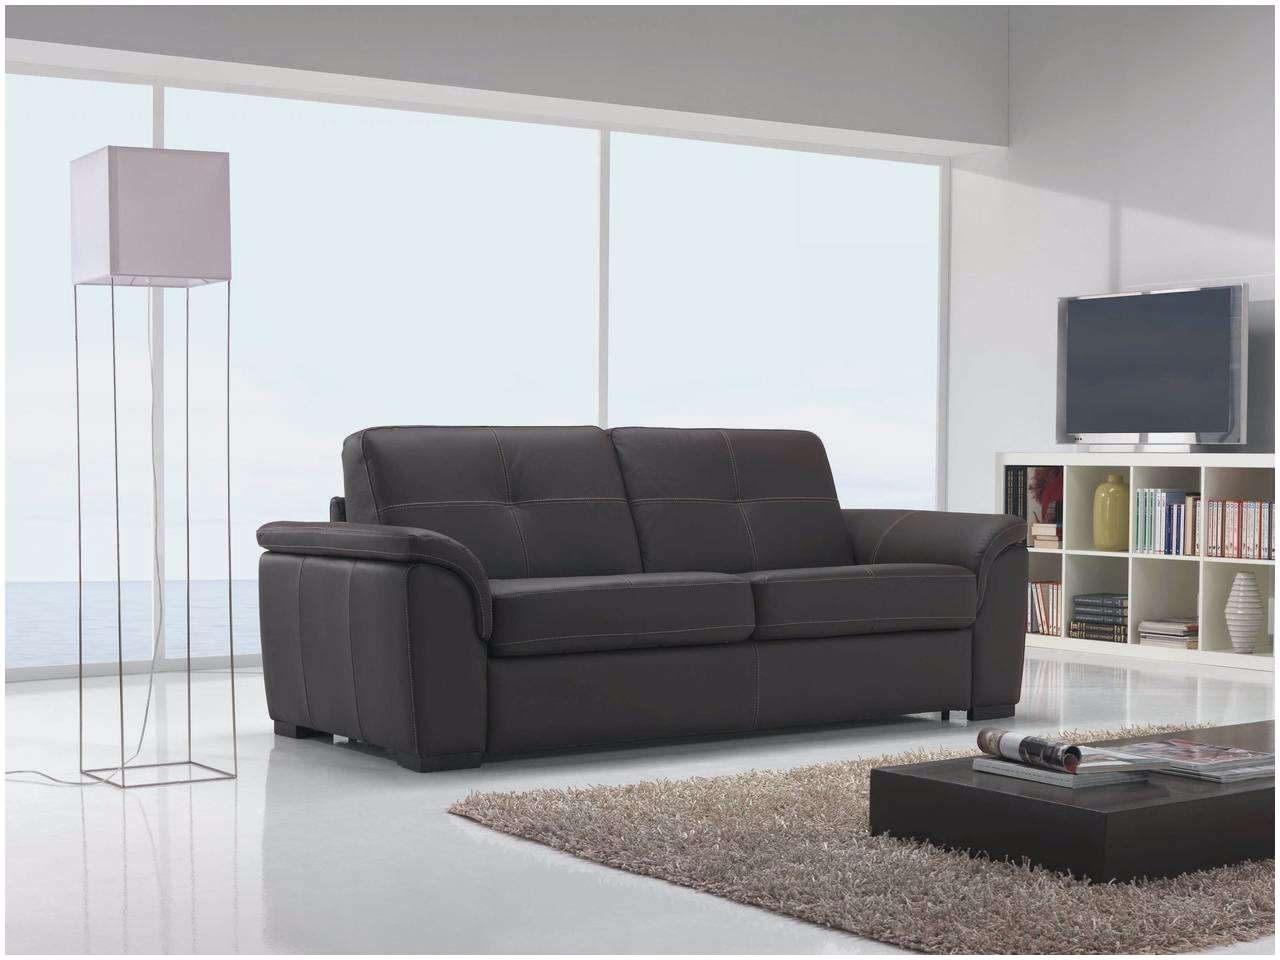 Canapé Lit Une Place Charmant Impressionnant 49 Inspirational Housse De Canapé En Simili Cuir Pour